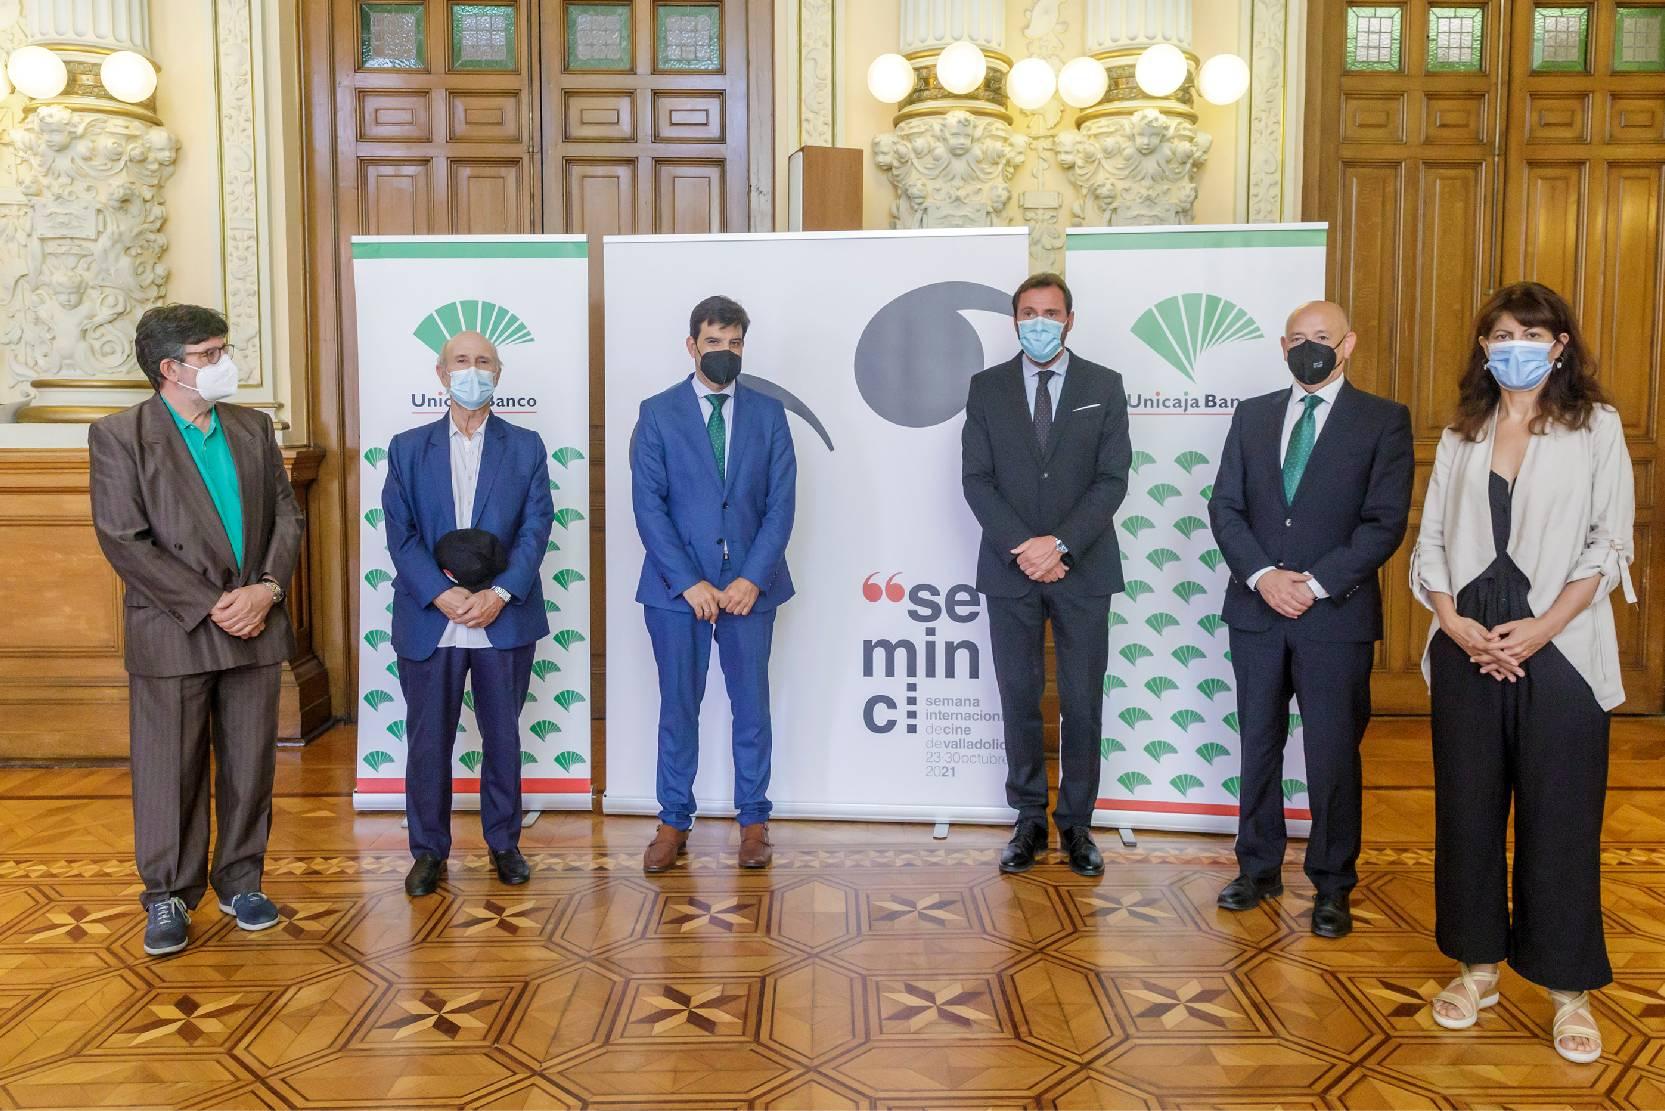 Firma del acuerdo de Unicaja como patrocinador de la Seminci